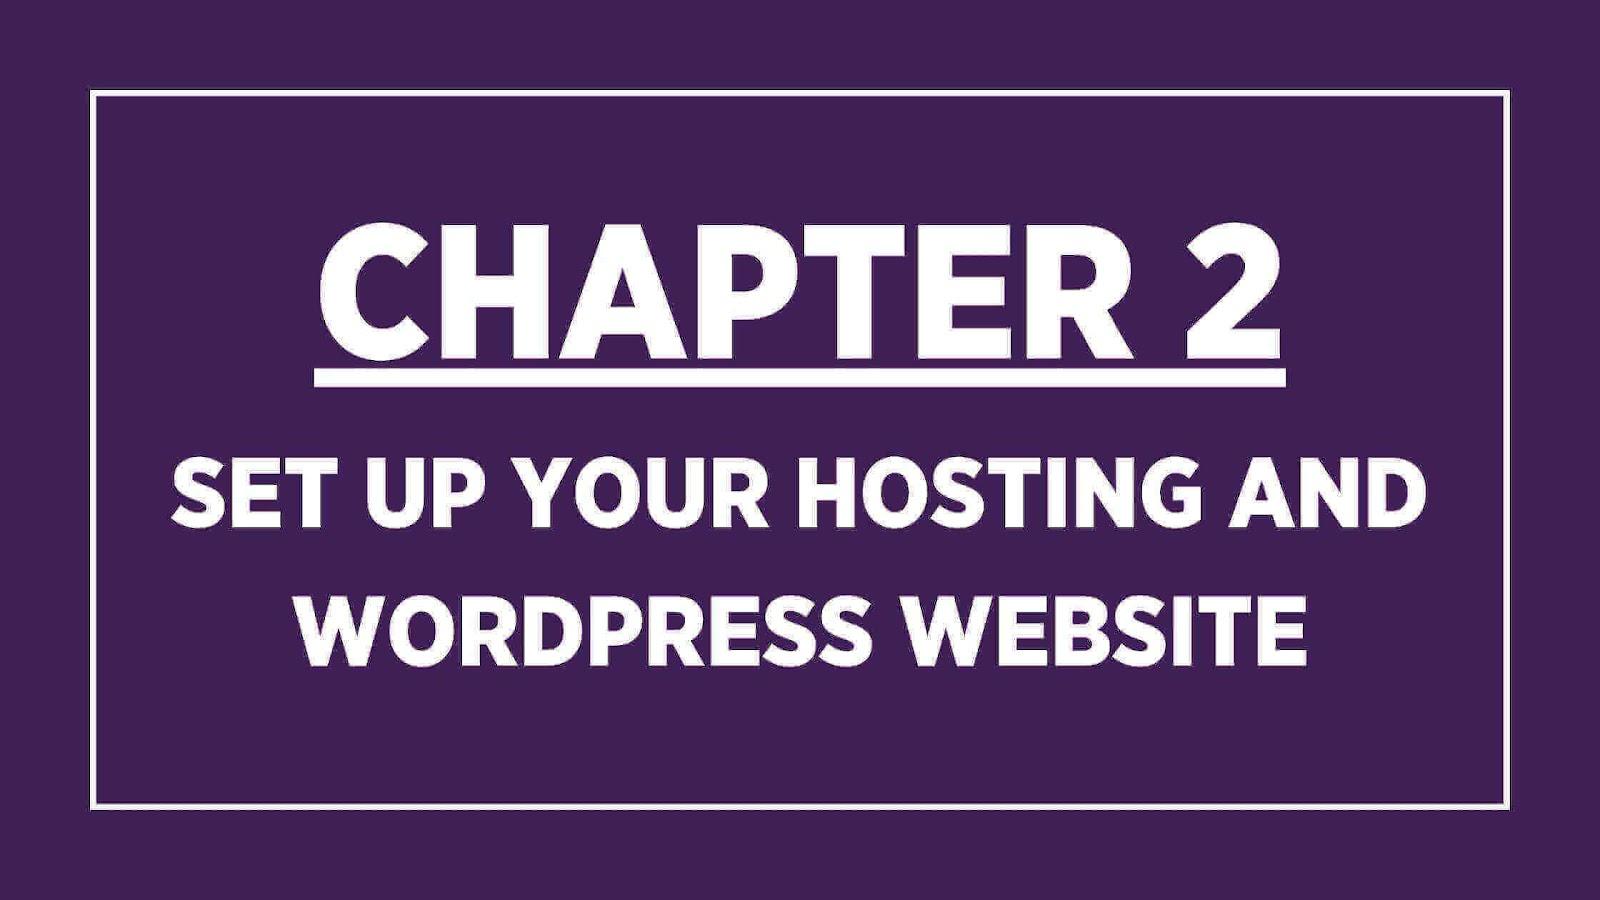 Chapter 2 banner: Set up hosting